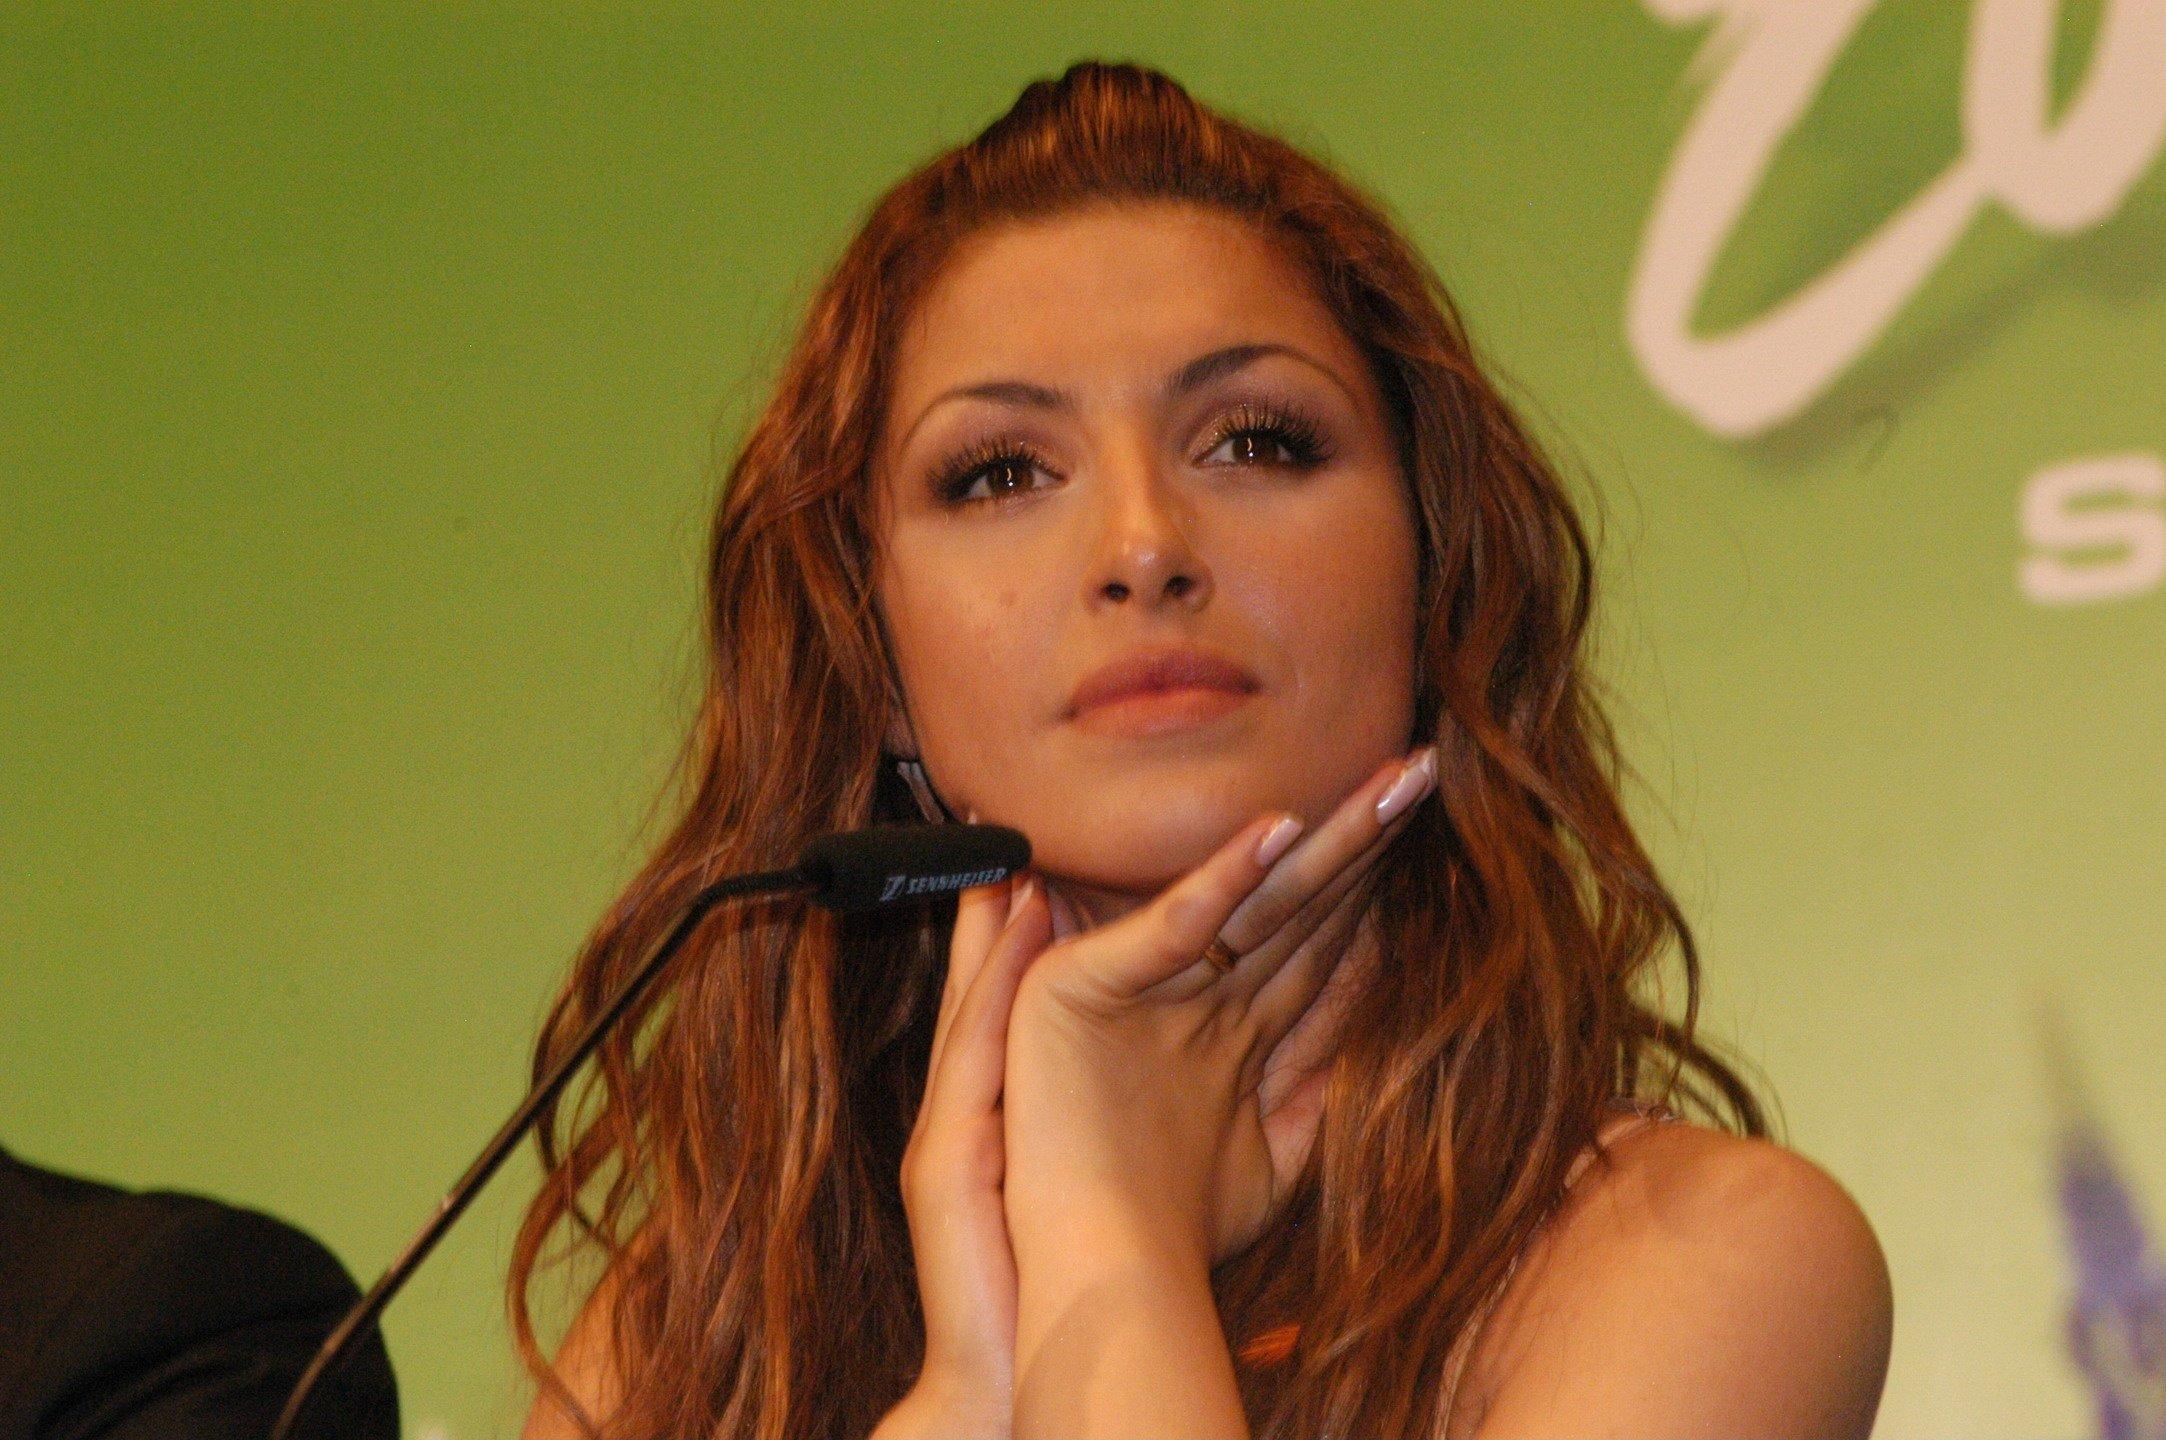 Όταν η Έλενα Παπαρίζου τραγουδούσε το «Fuego». Ποια